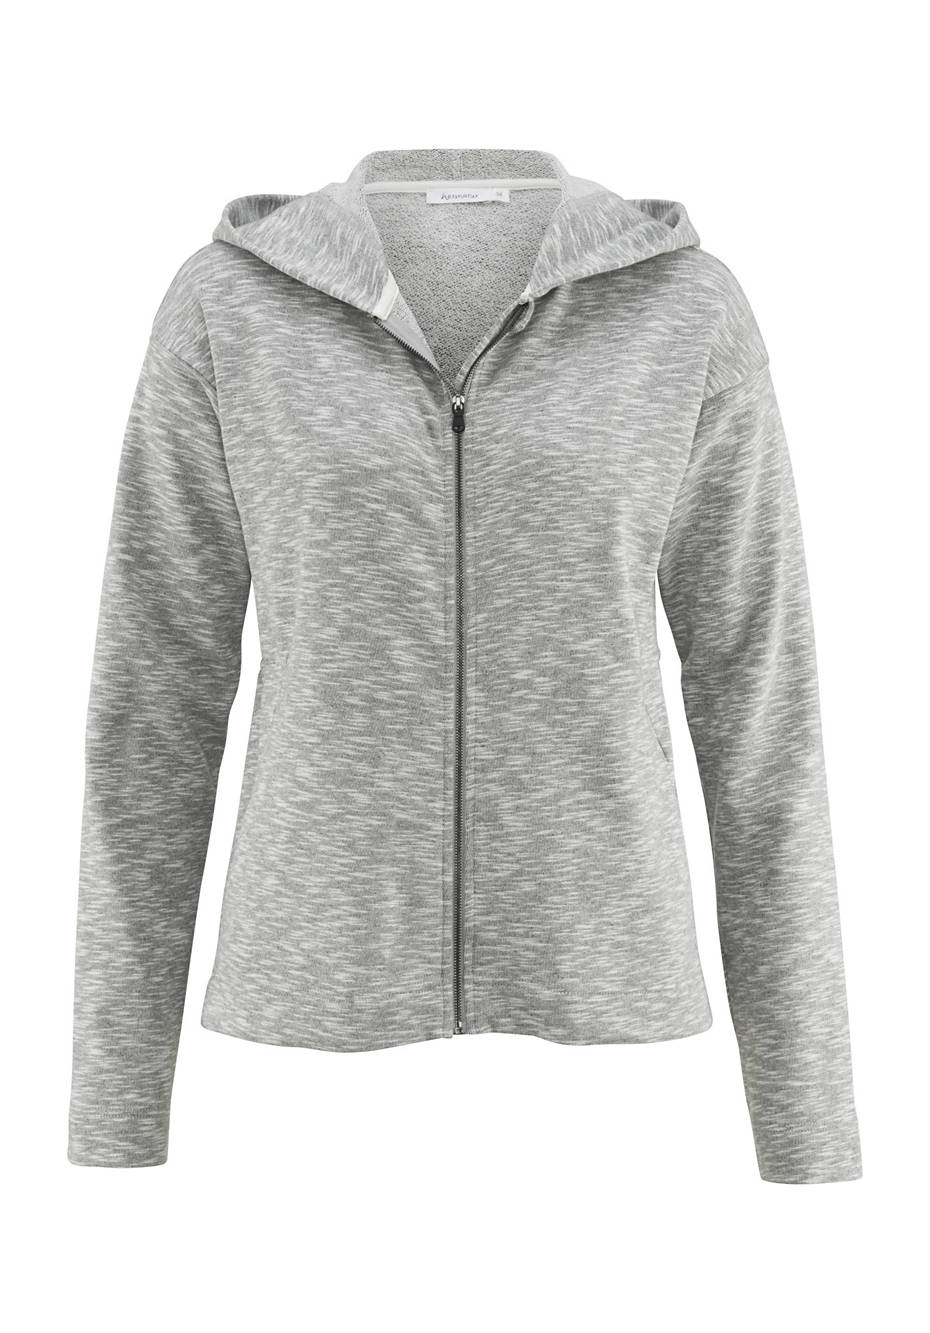 Jacke aus reiner Bio-Baumwolle